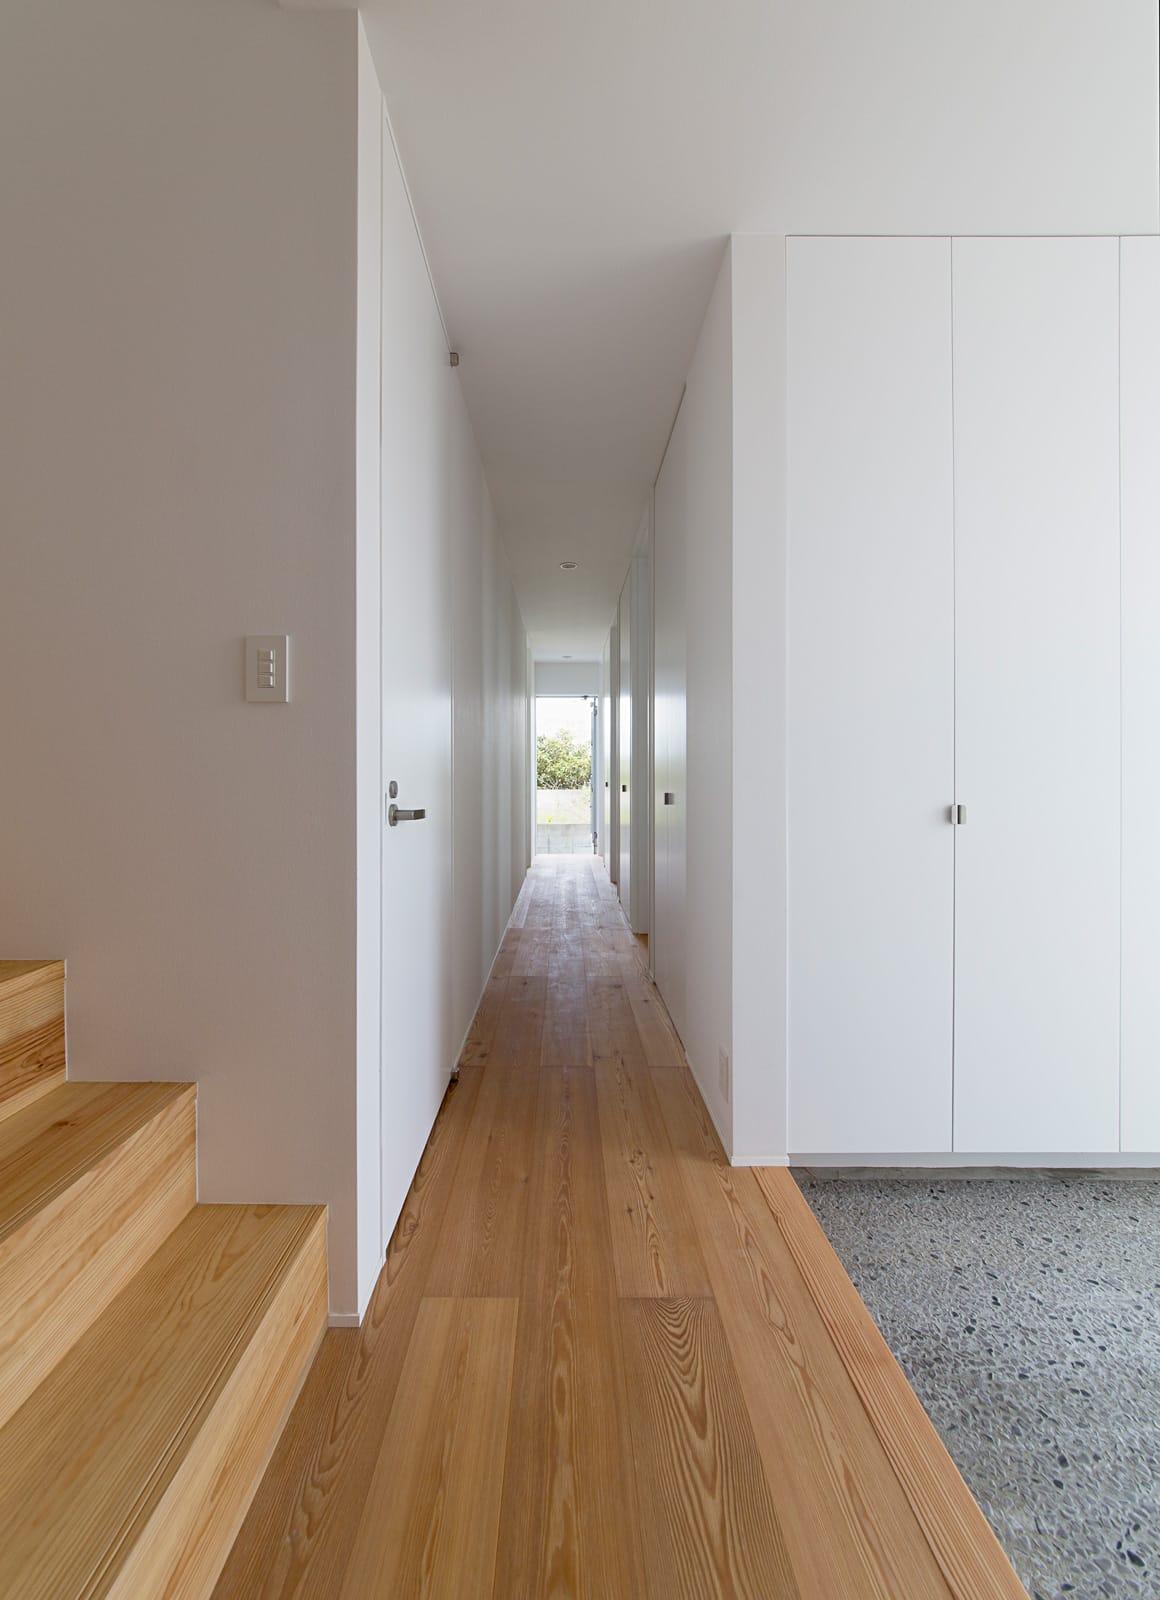 開放的なスキップフロア住宅の玄関(土間・ホール)2